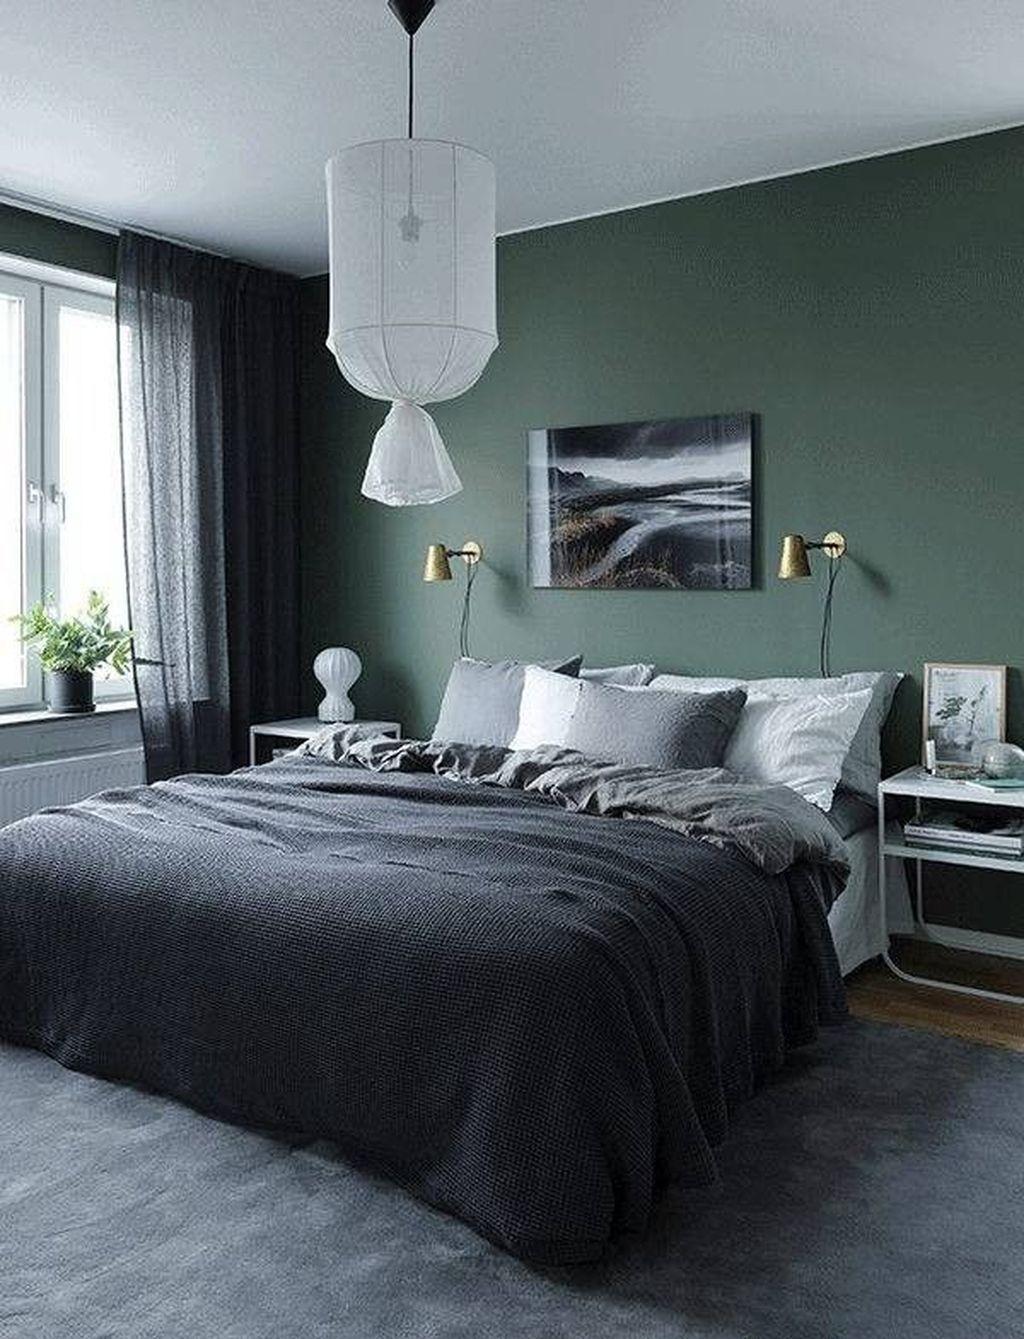 20 Modern Bedroom Decorating Ideas For Men Slaapkamerideeen